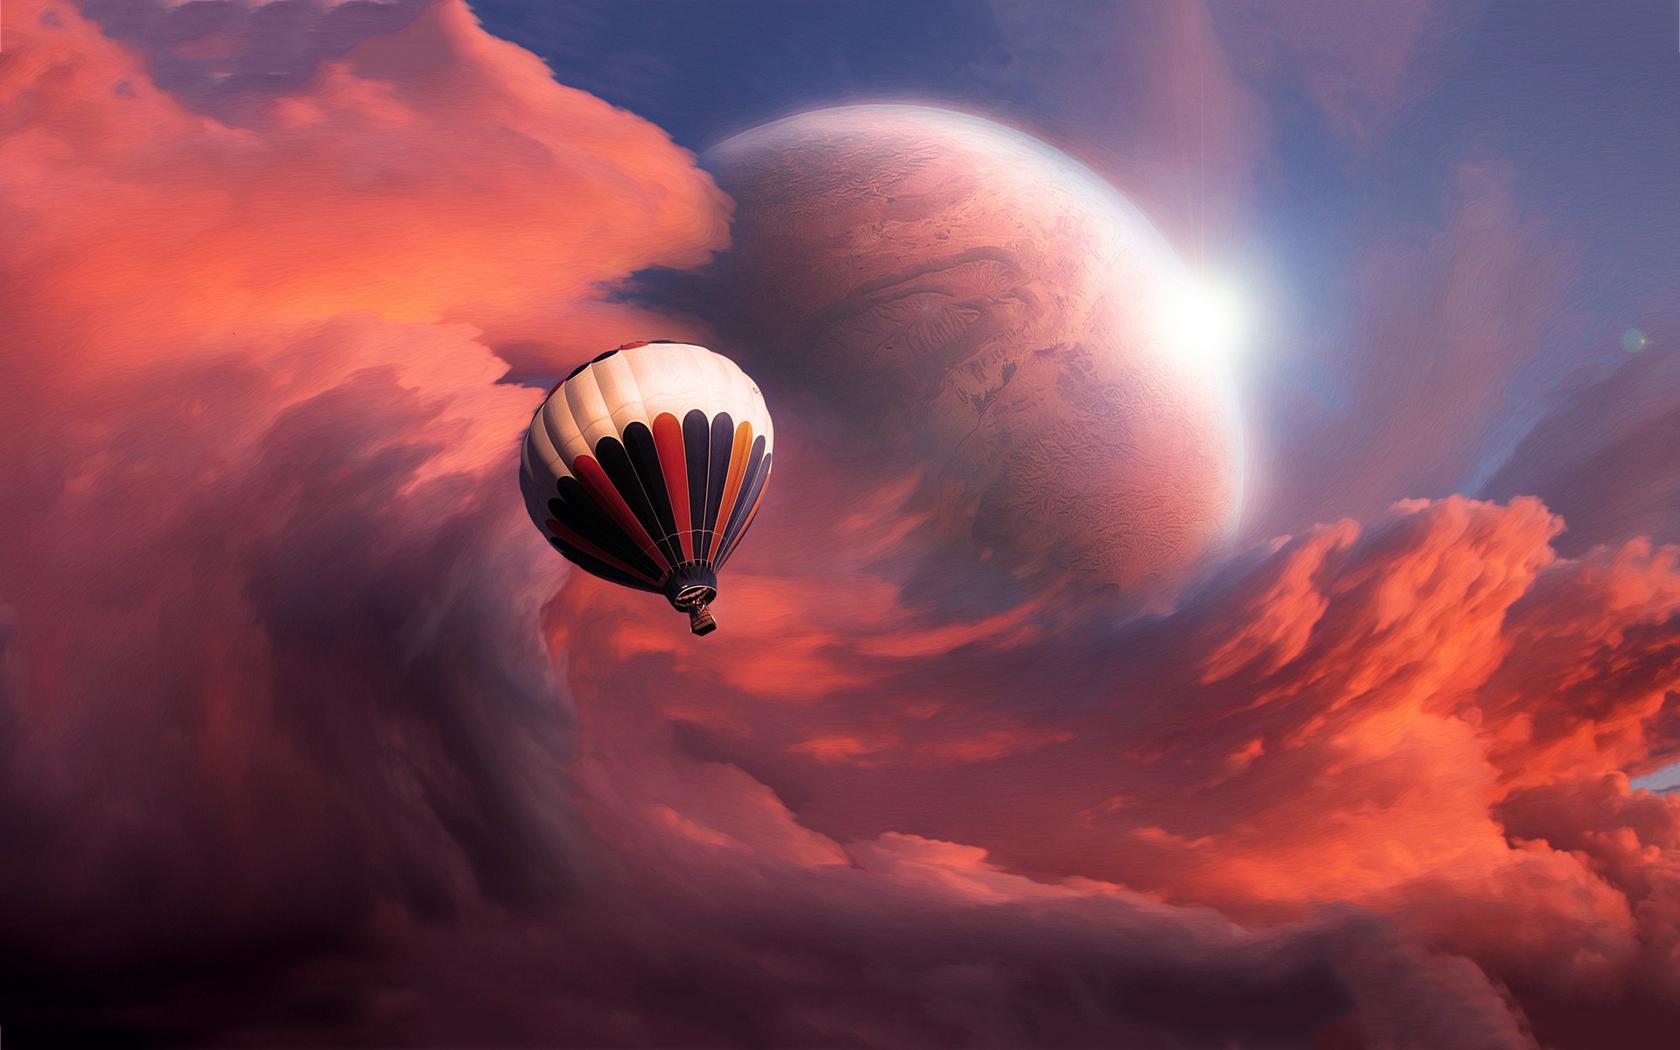 ballon-flight-fantasy.jpg